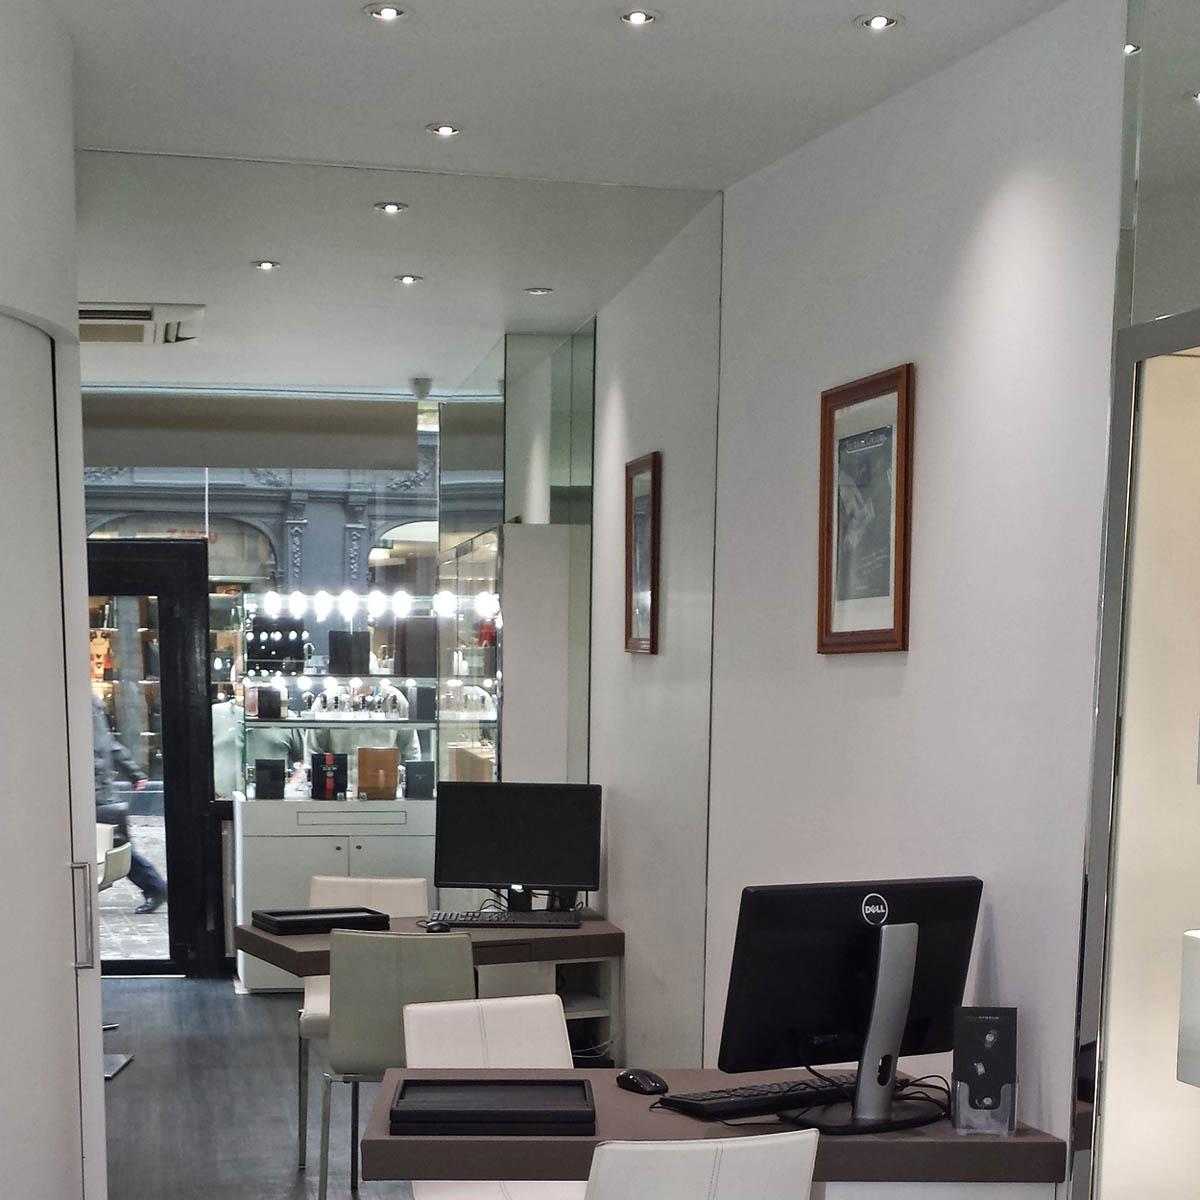 La Cote des Montres : Photo - Cresus ouvre une nouvelle boutique à Lille